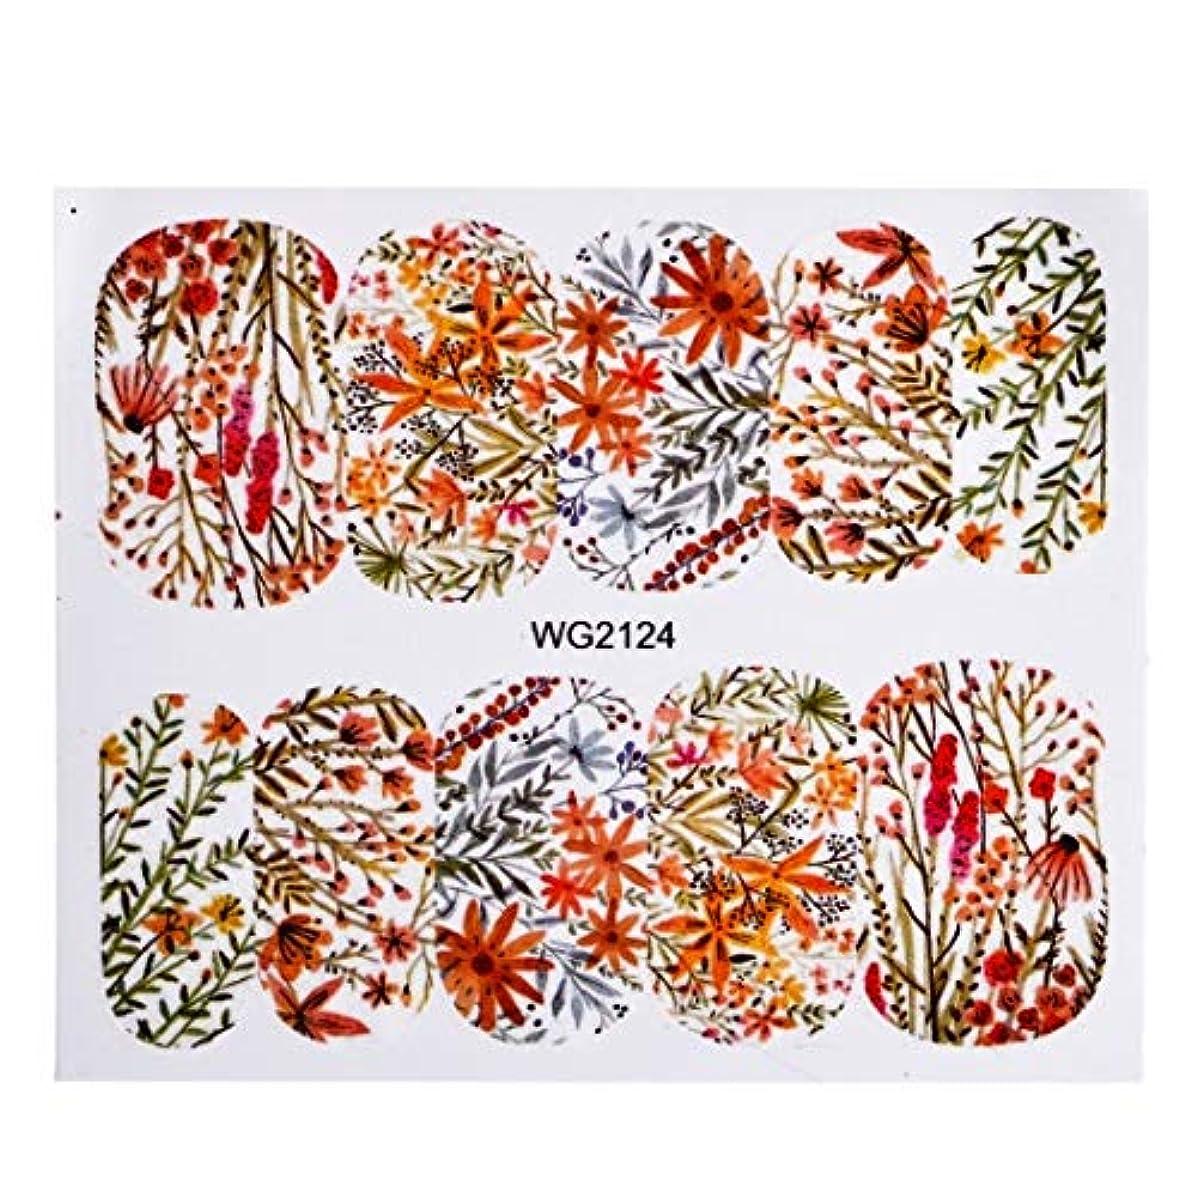 くそーラック衝突するYan 10個入りフラワーネイルアートデカール(WG2111) (色 : WG2124)